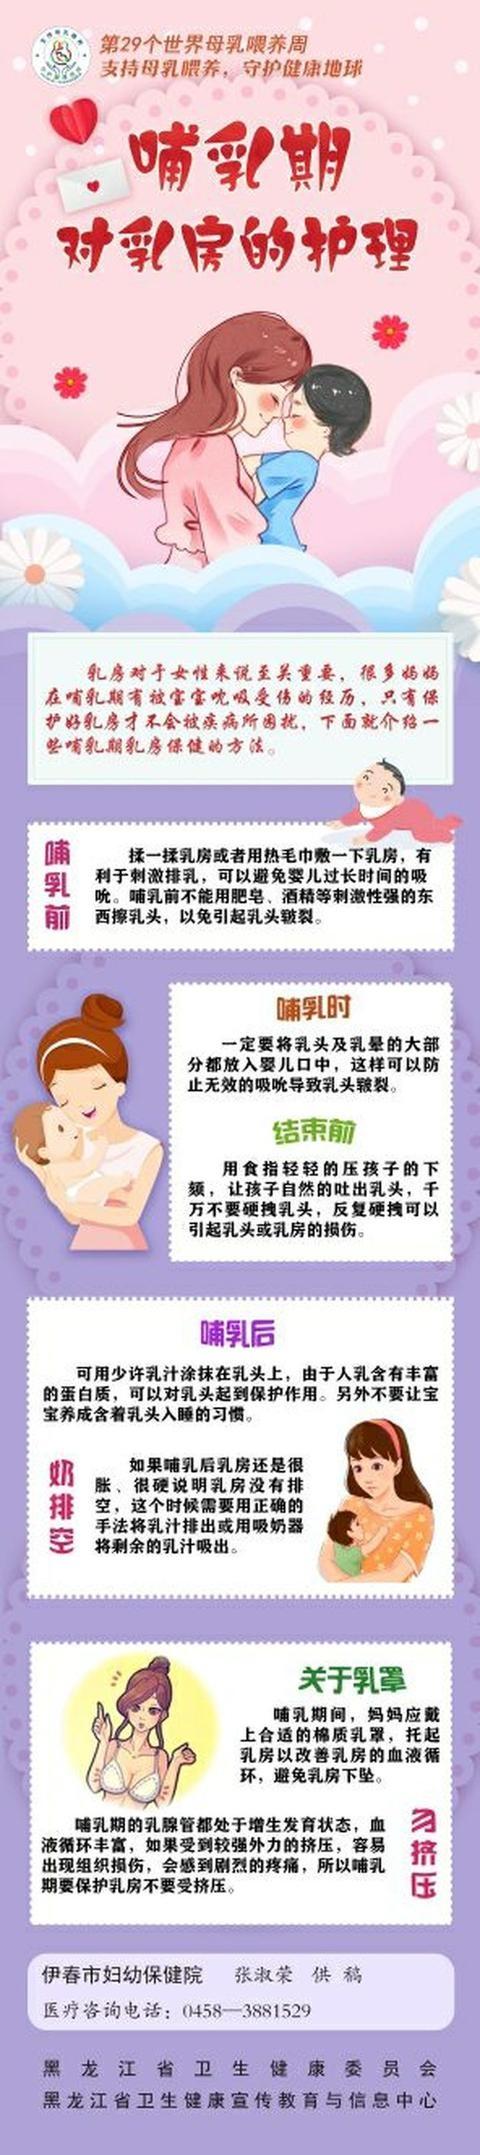 哺乳期对乳房的护理